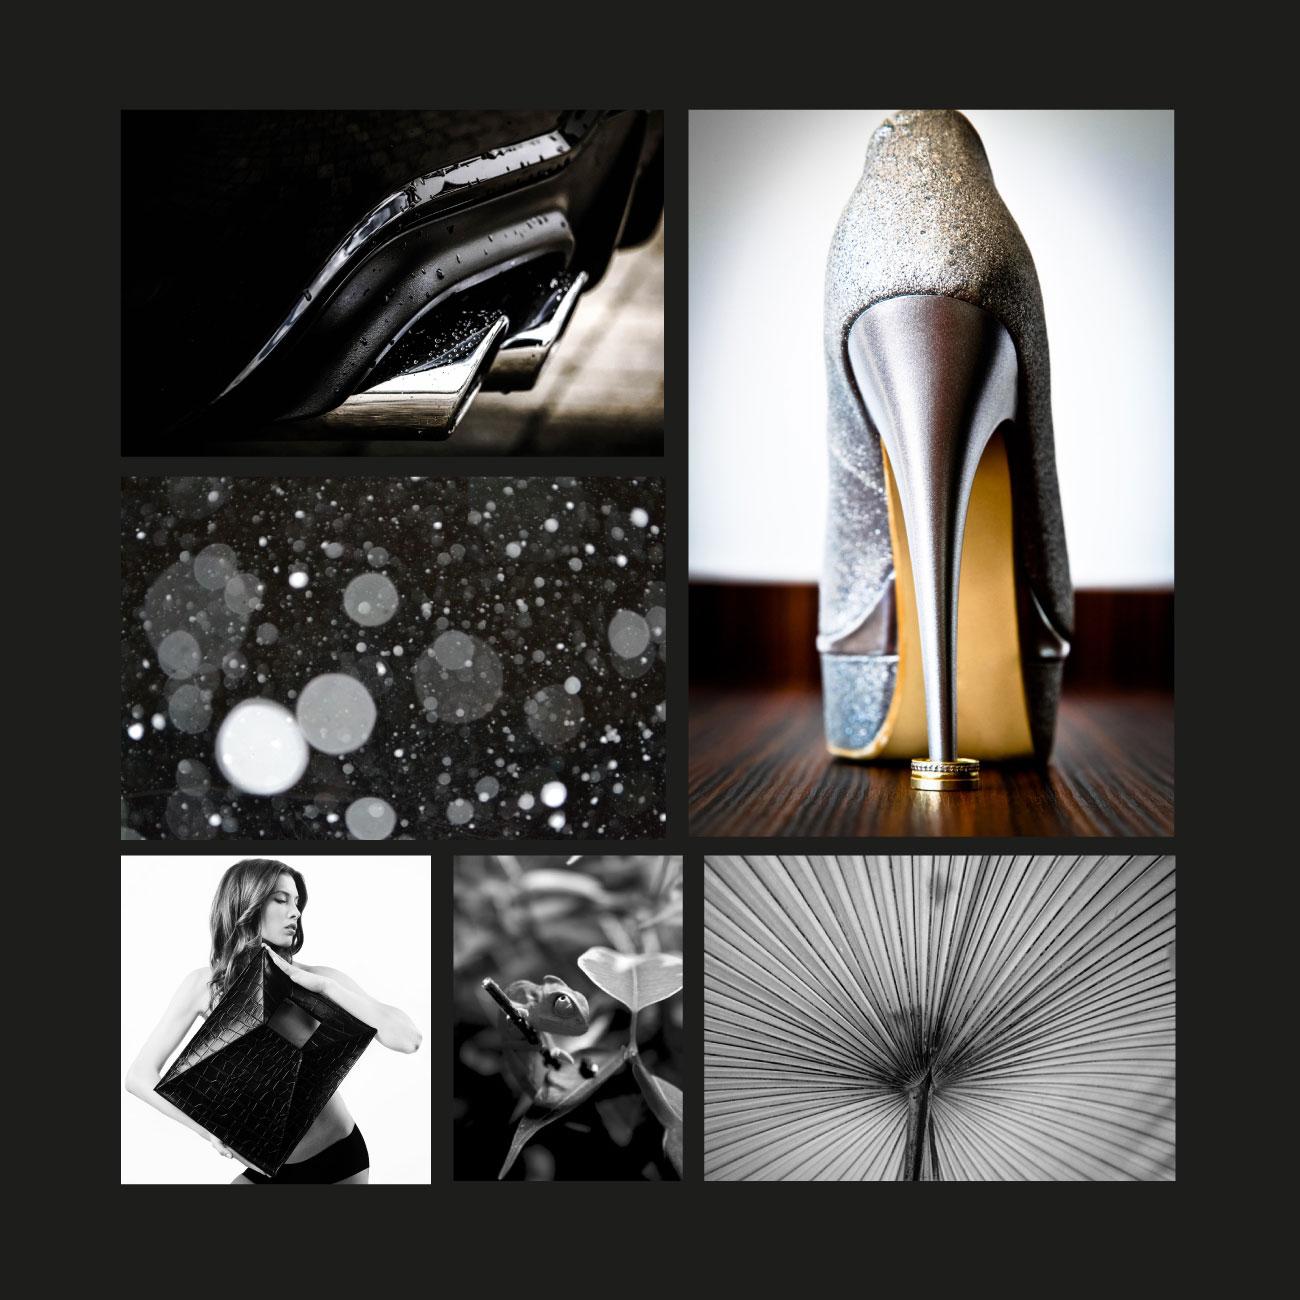 Aïtana Design, Caroline Viollier, graphisme, direction artistique, création graphique, design graphique, branding, Biarritz, Paris, studio de création, manegane, maroquinerie, graphisme,